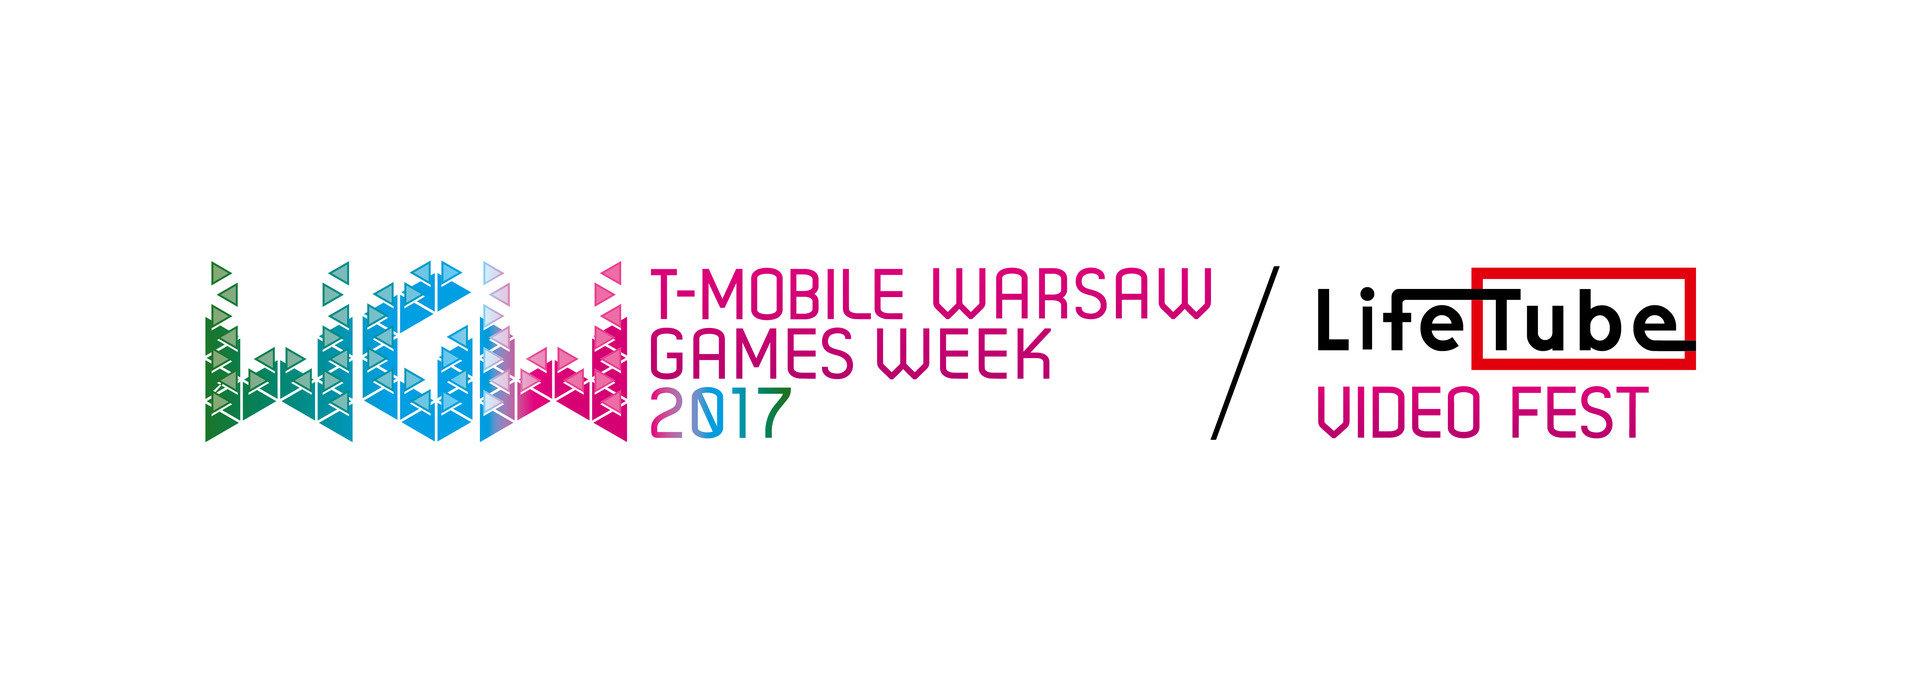 LifeTube Video Fest i T-Mobile Warsaw Games Week łączą siły. Już w październiku odbędzie się wielkie święto rozrywki, jakiego Warszawa nie widziała!